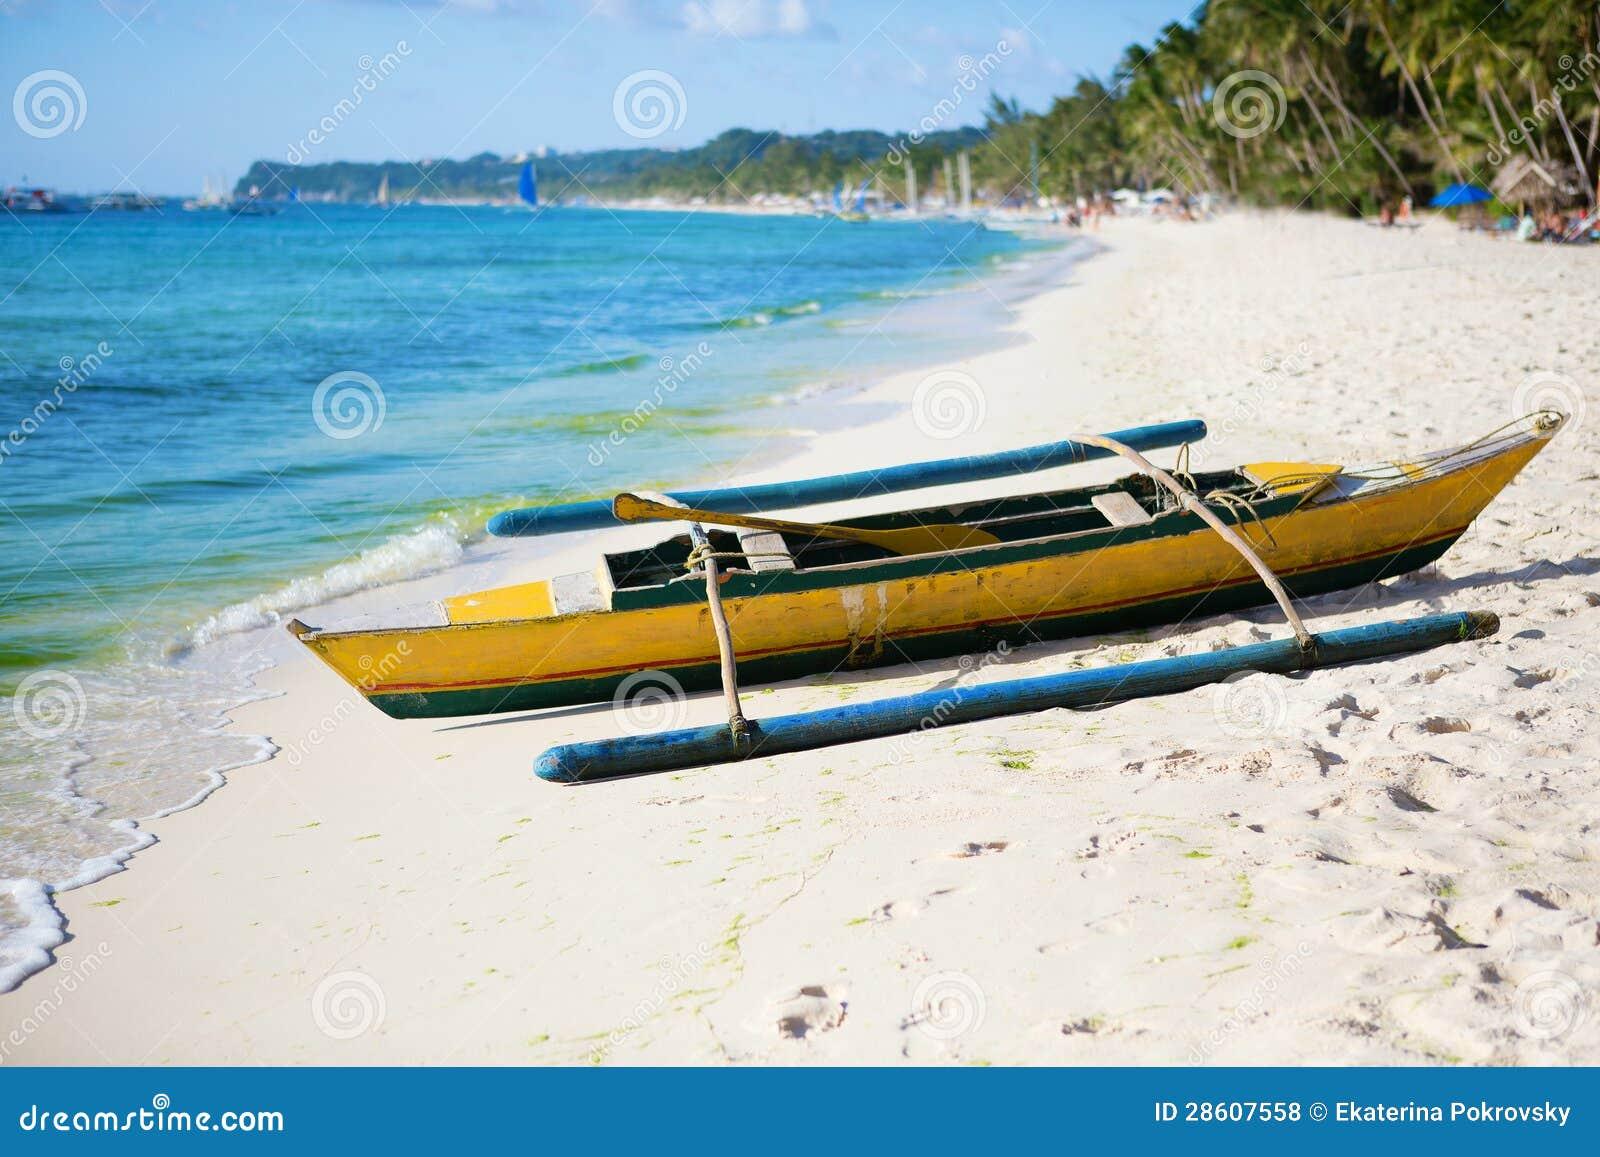 Old Wooden Bangka Boat Royalty Free Stock Photos - Image: 28607558